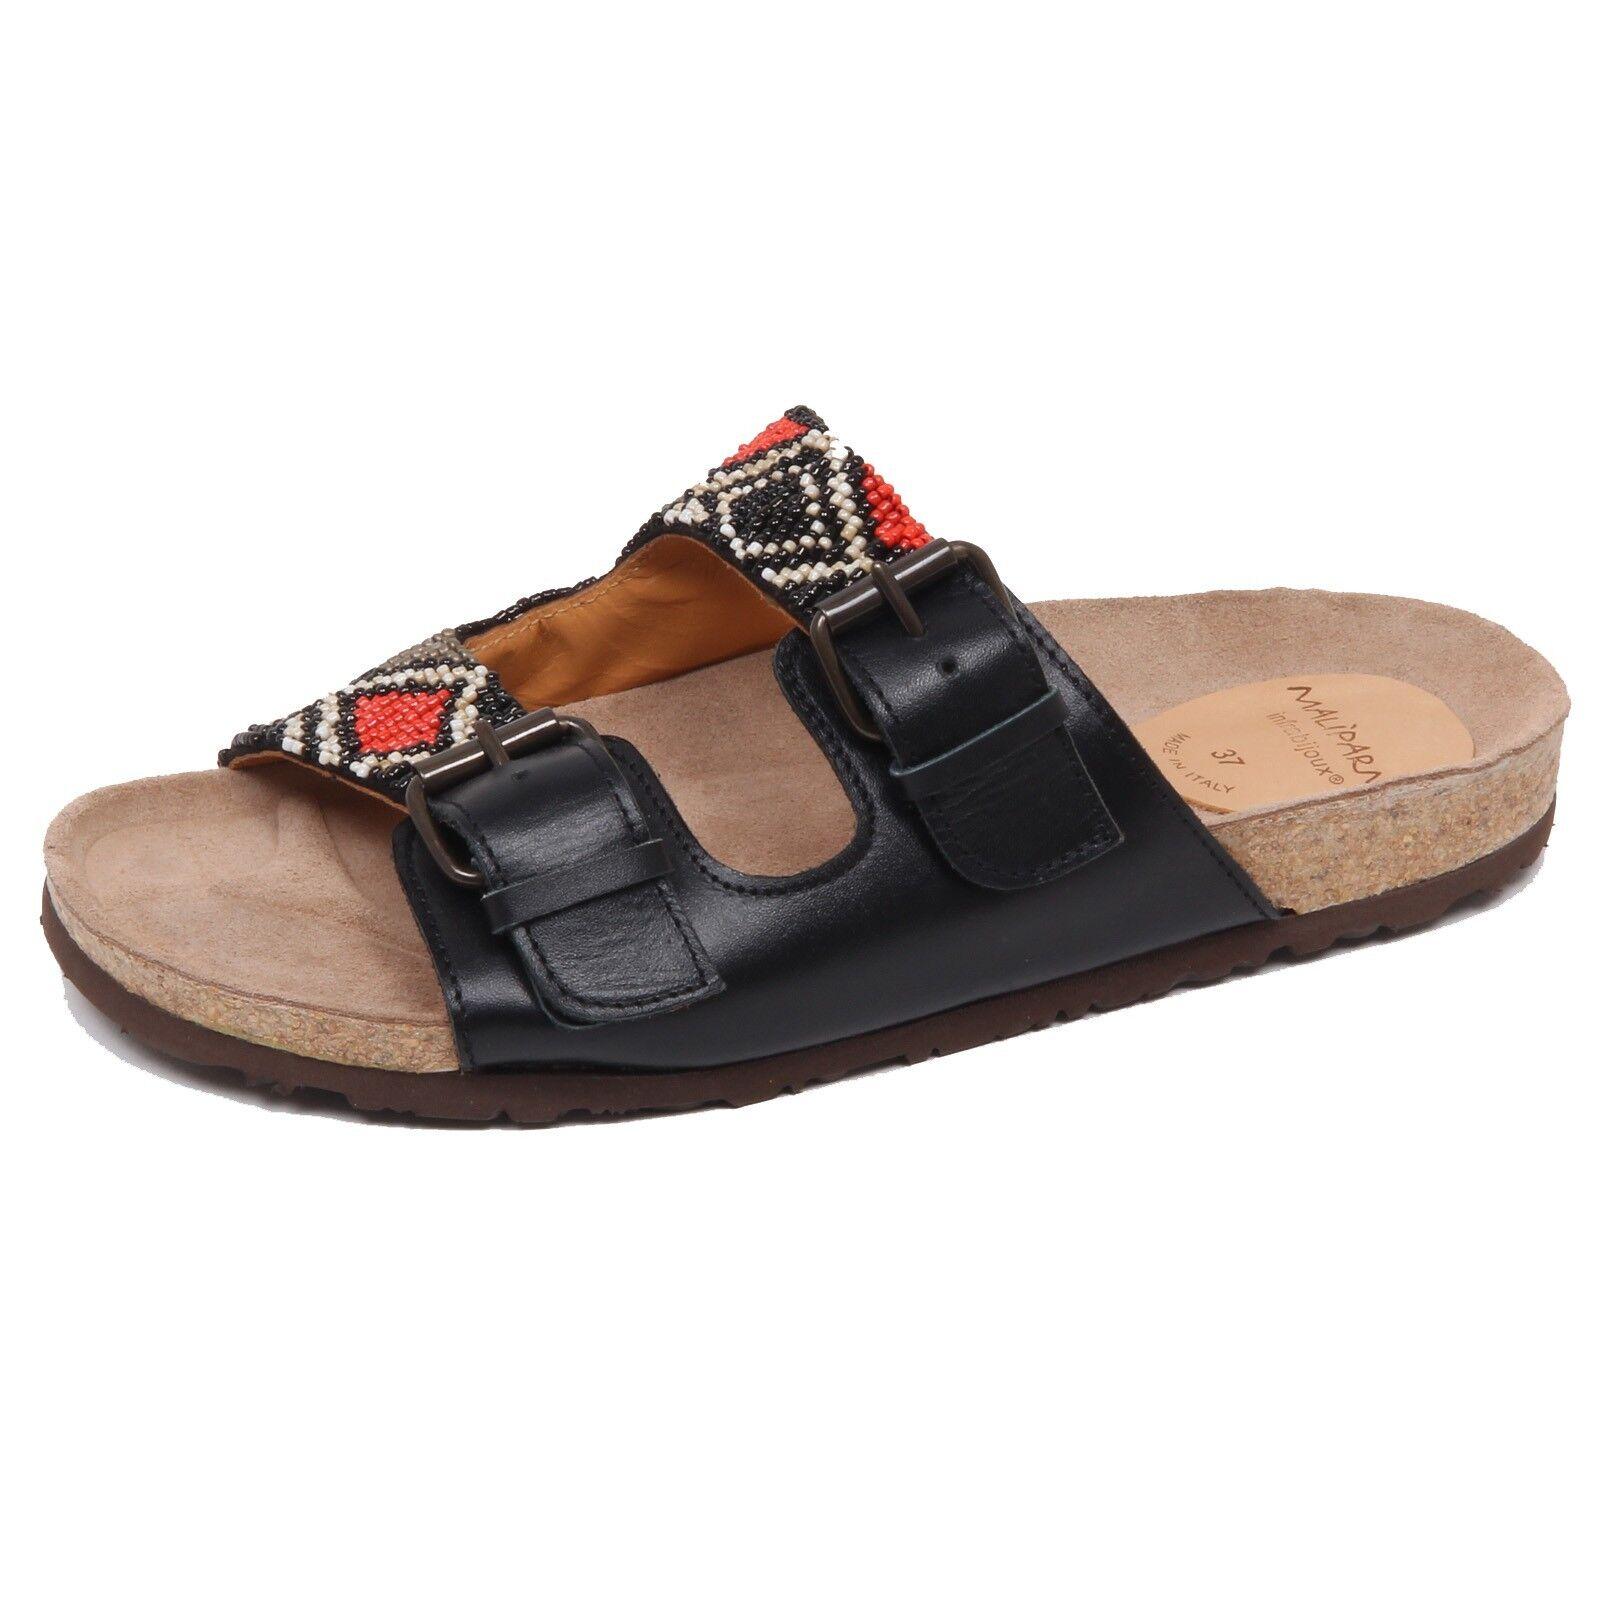 F1870 Sandalo mujer Zapato De Cuero Negro Negro Negro Maliparmi zapatos eco mujer  Precio al por mayor y calidad confiable.